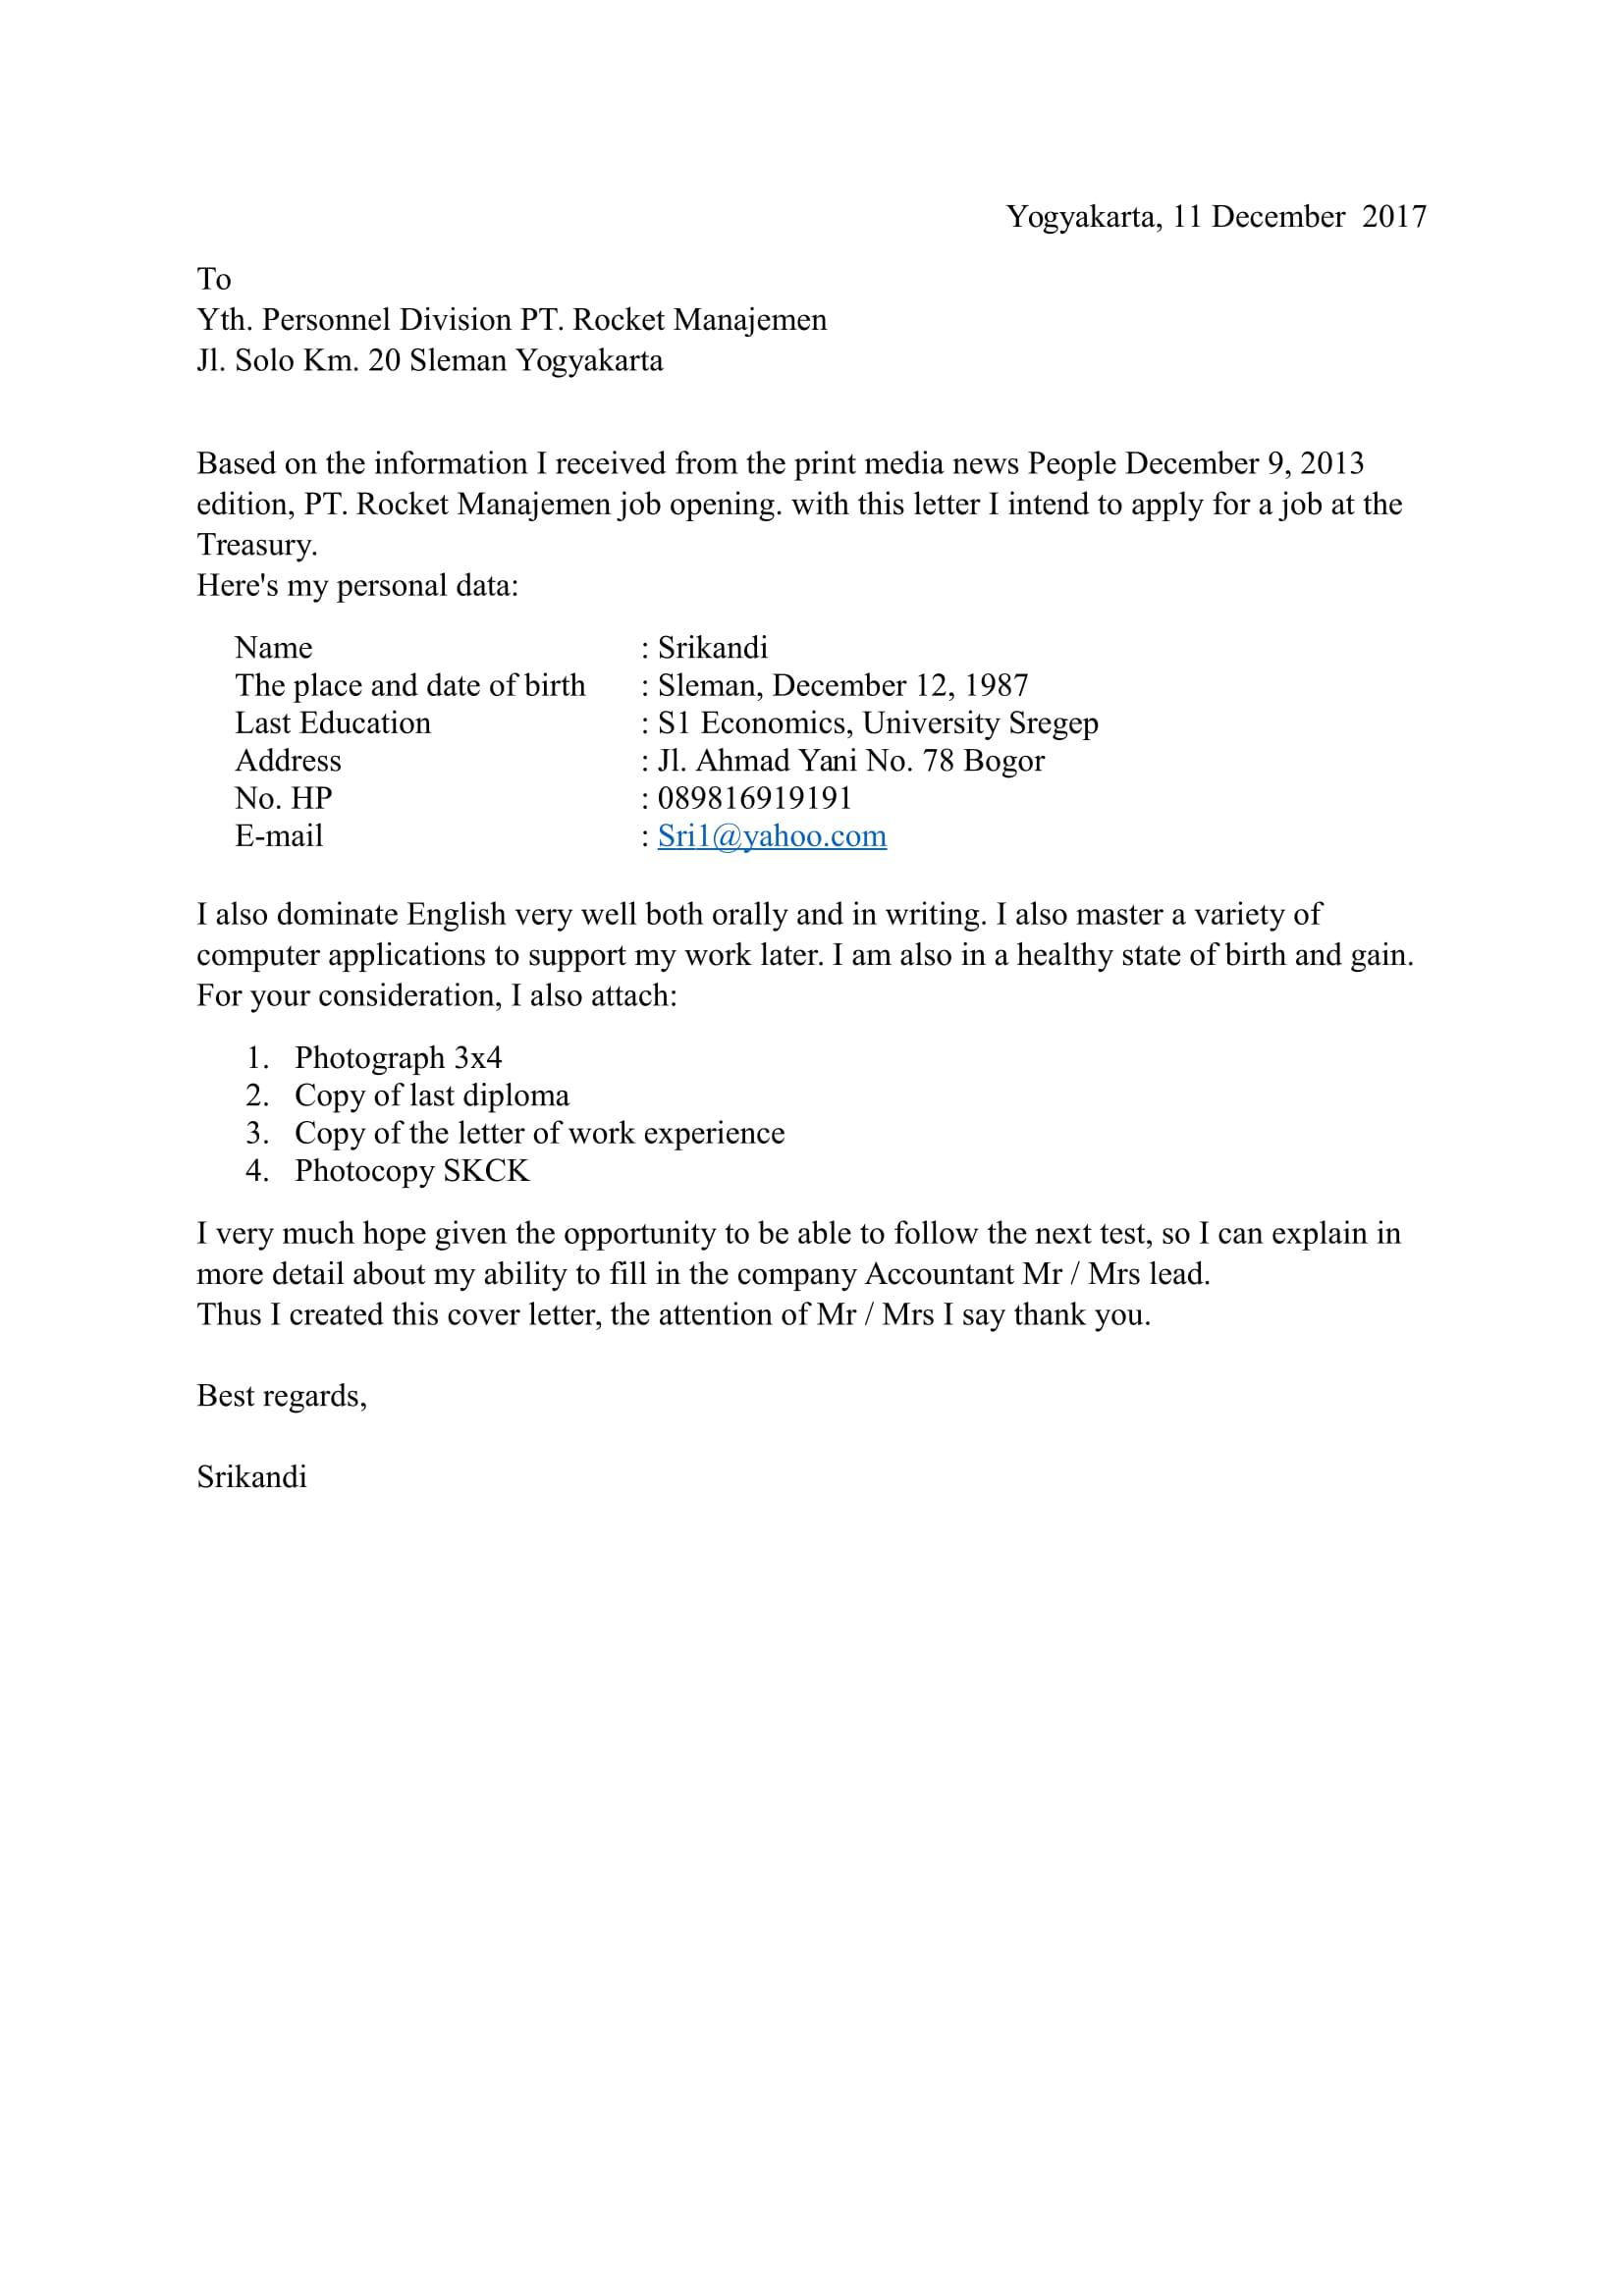 Download 9 Contoh Surat Lamaran Kerja Bahasa Inggris Doc